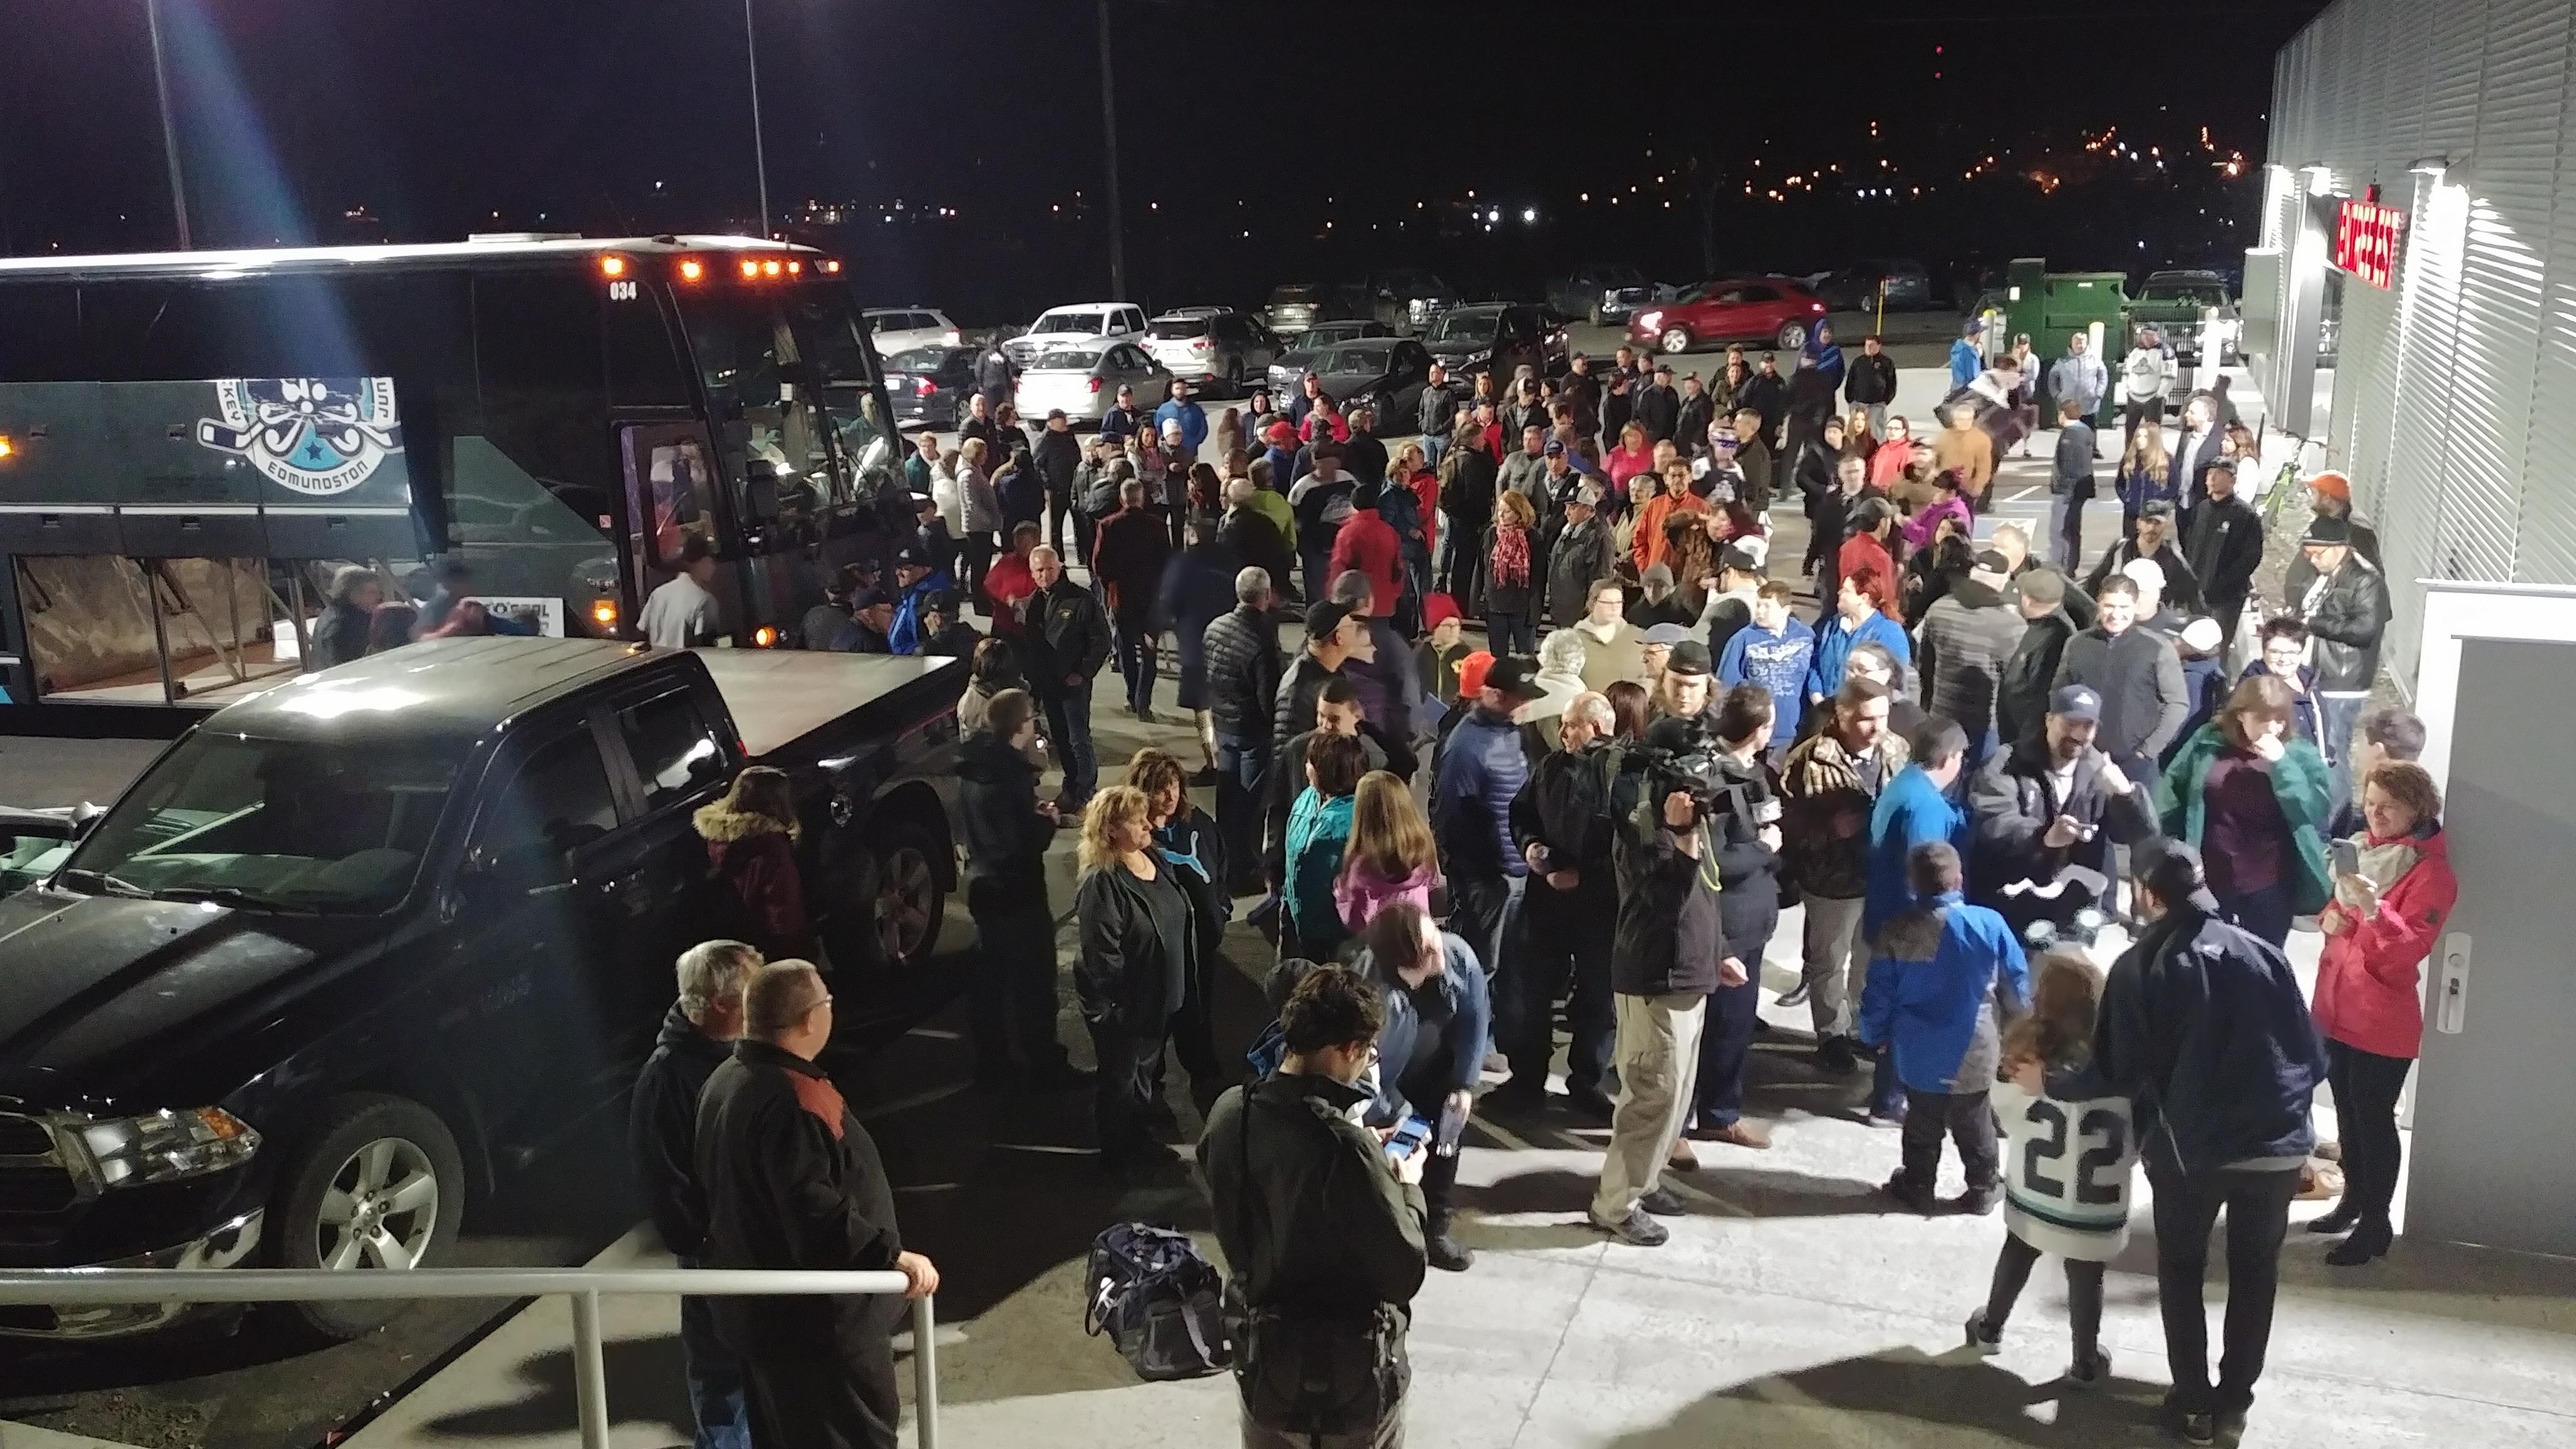 Une foule entoure les joueurs qui descendent d'un autobus.